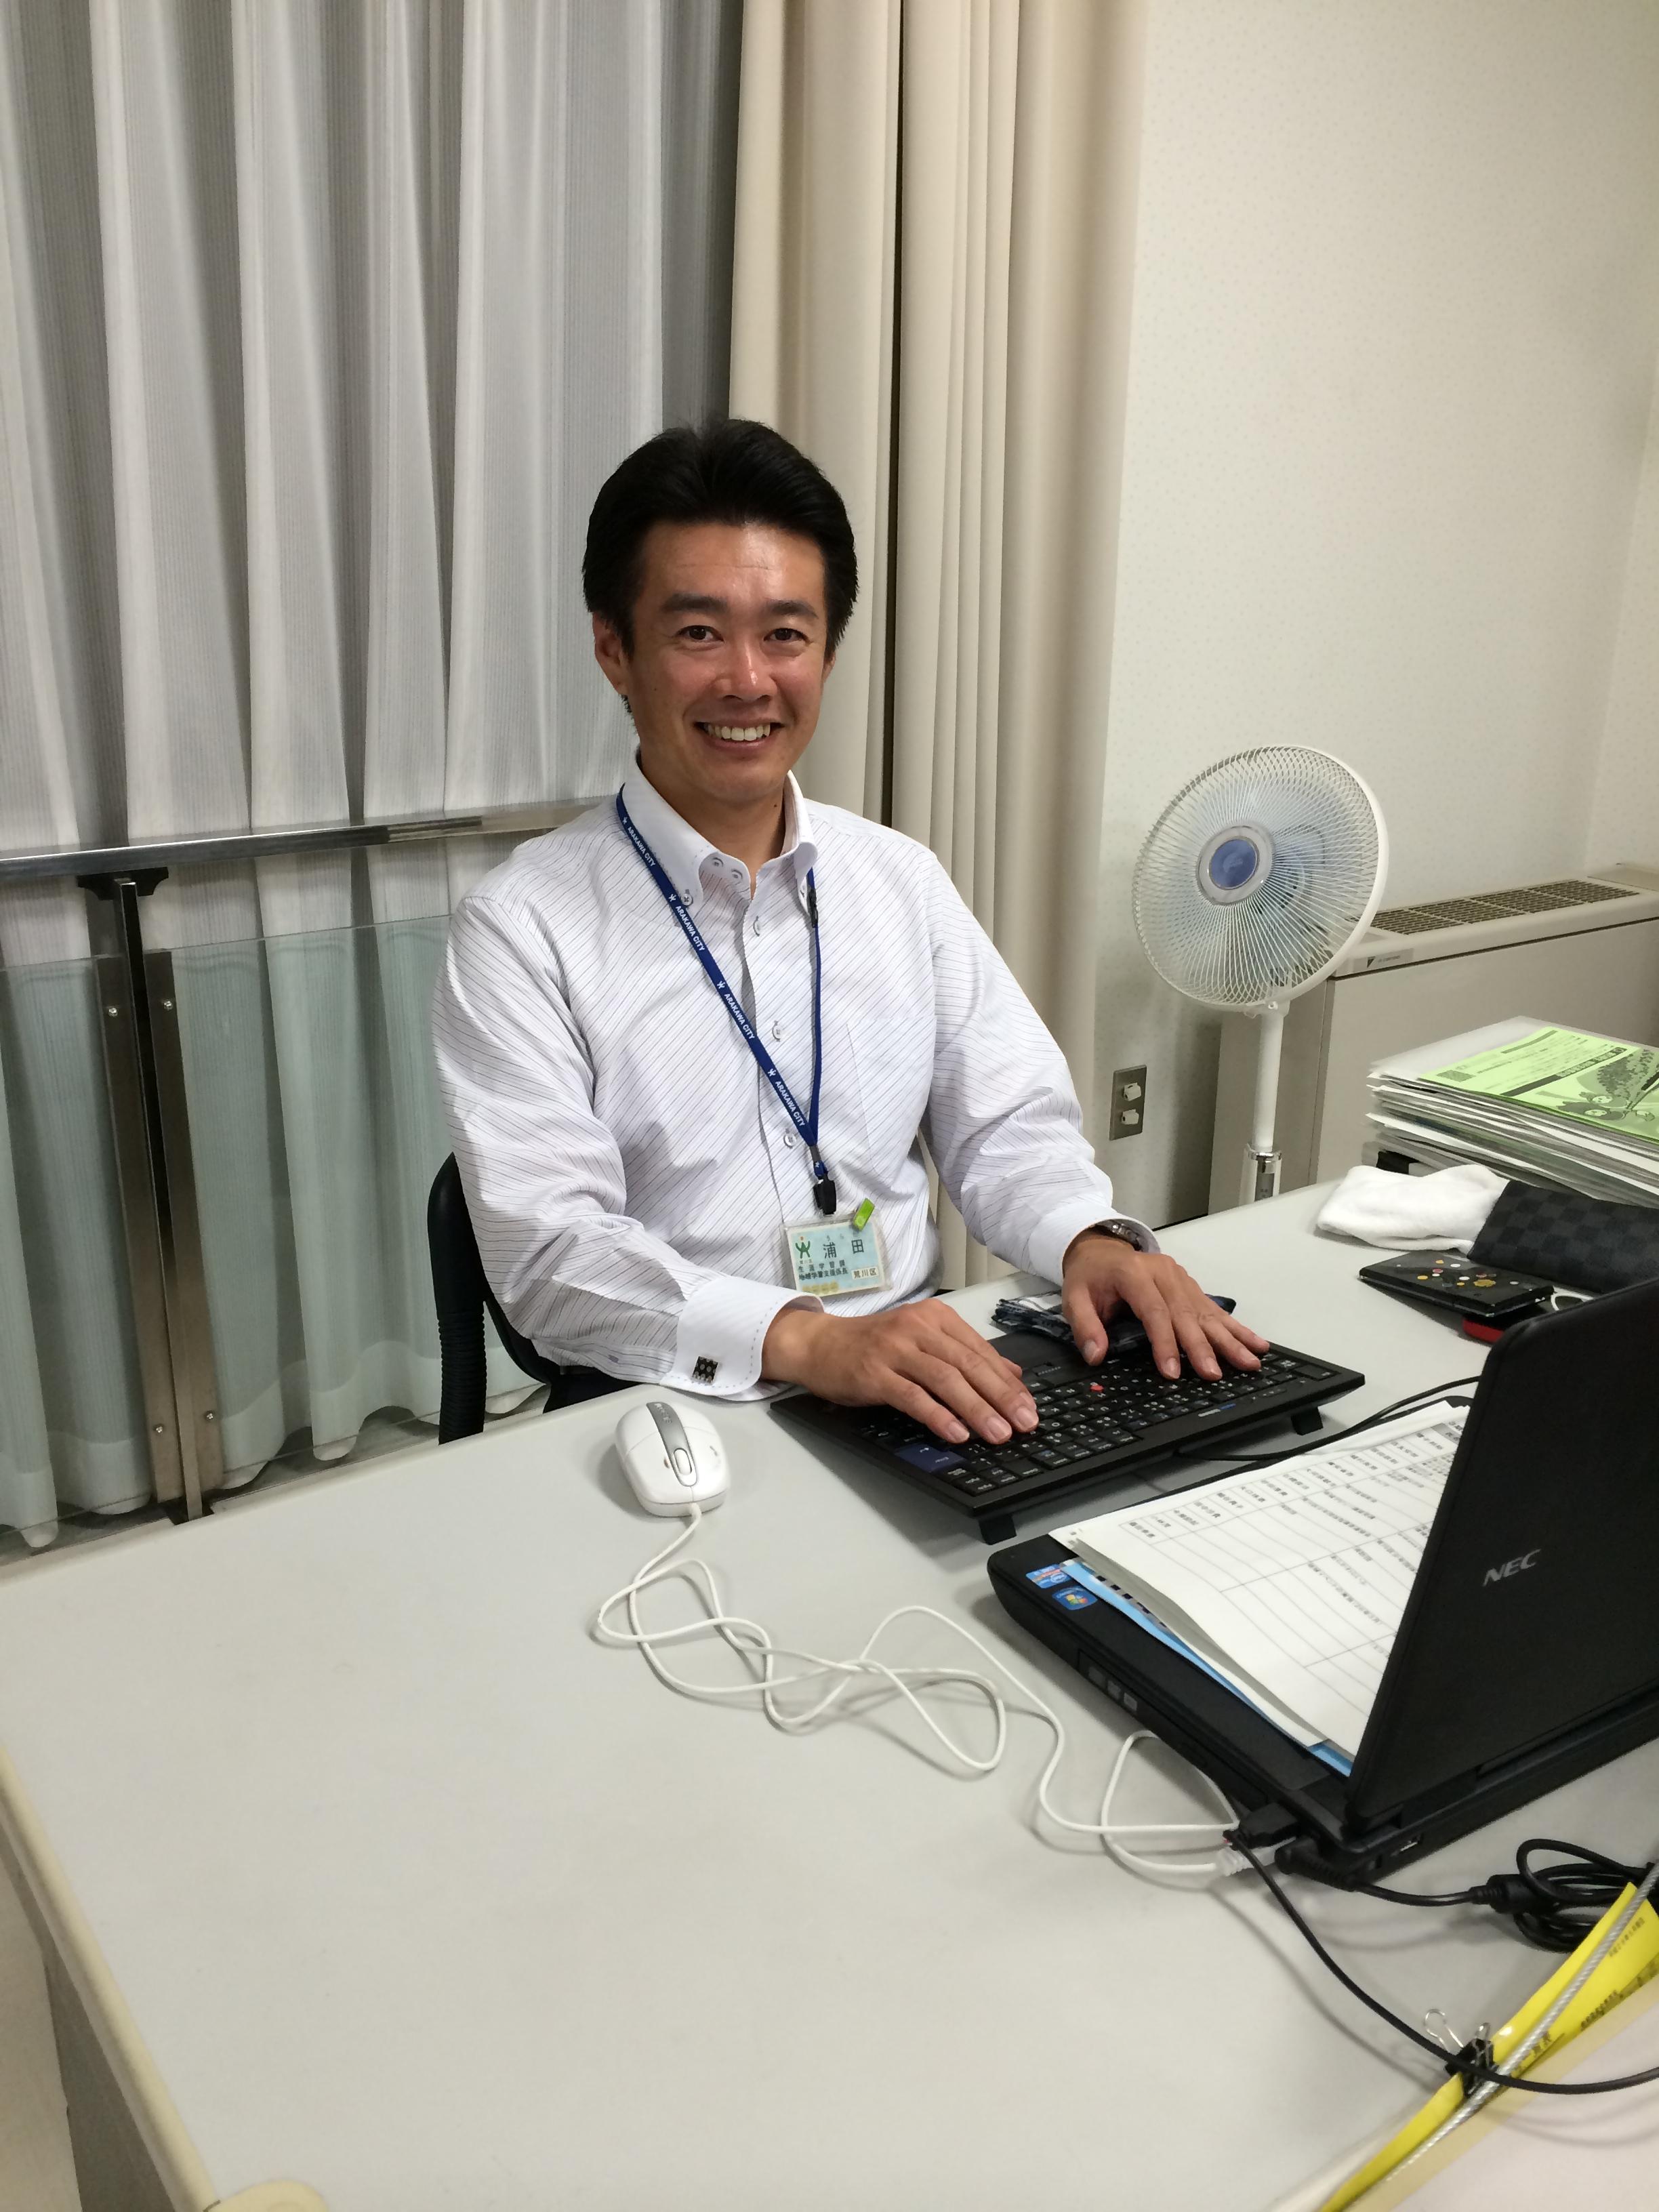 直撃インタビュー:あらかわコミュニティカレッジ(通称コミカレ)浦田係長